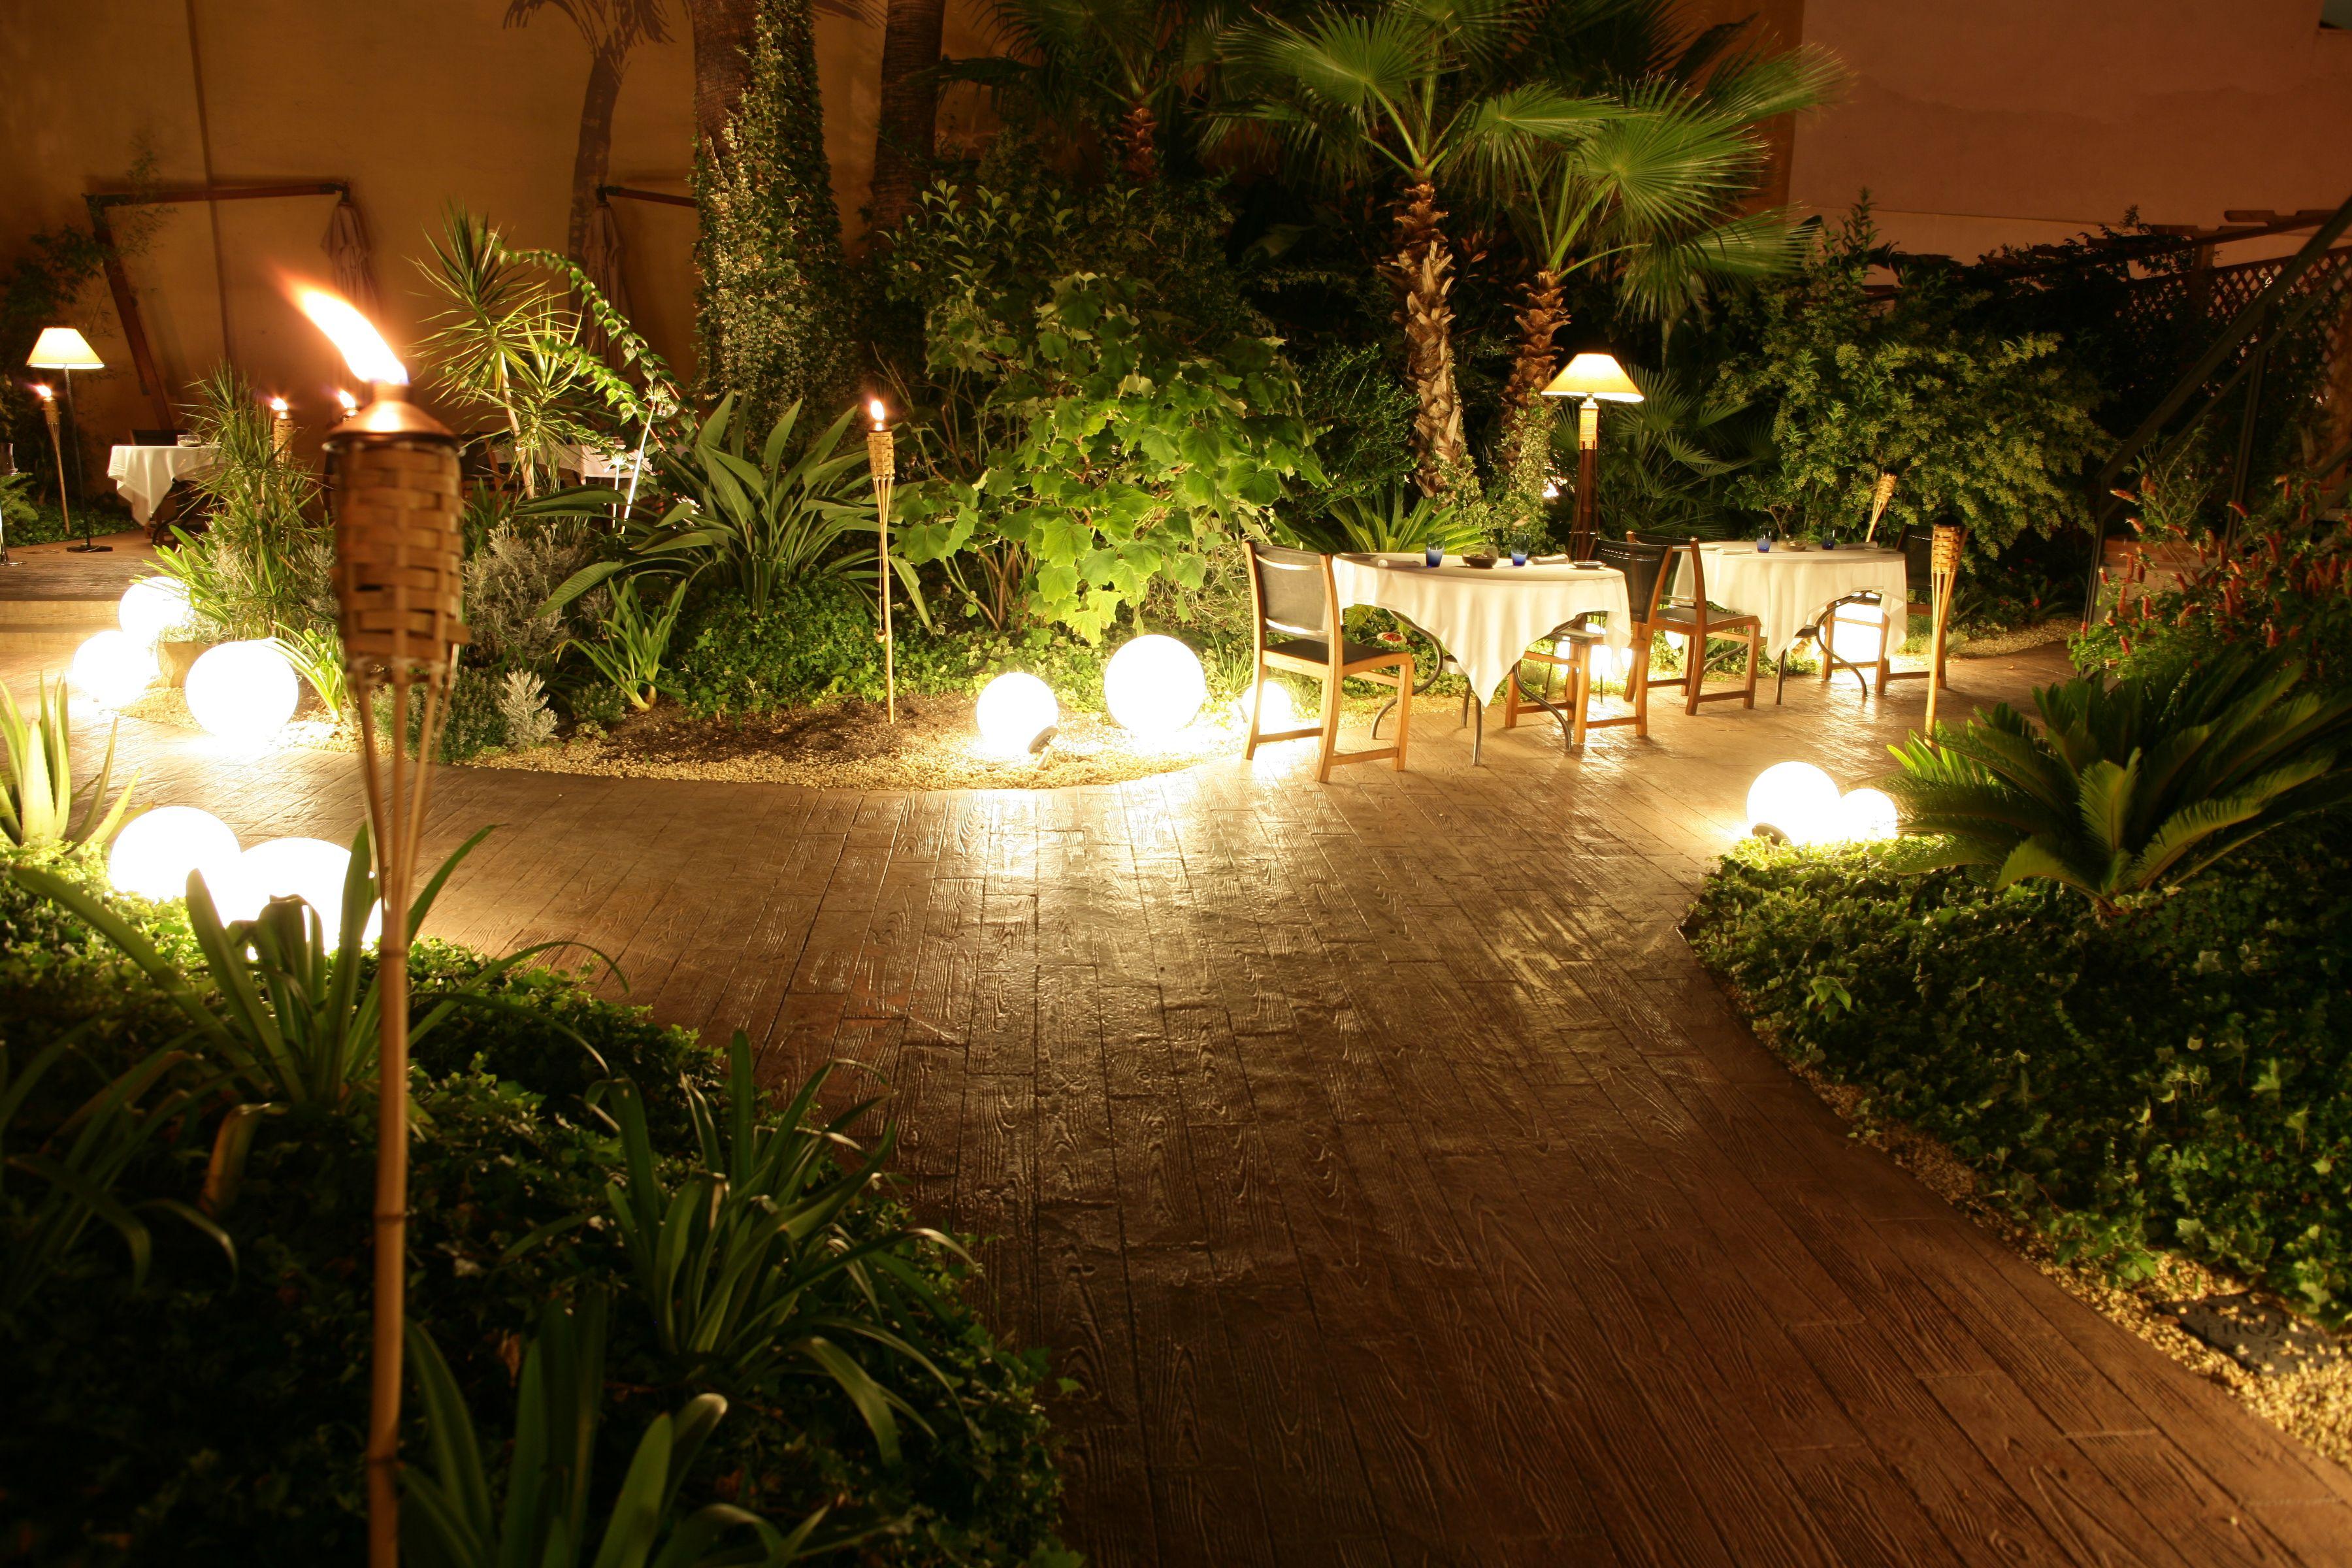 Nuestro #jardín esconde muchos secretos... Ven a descubrirlos de Miercoles a Domingo http://restaurantemontana.com/